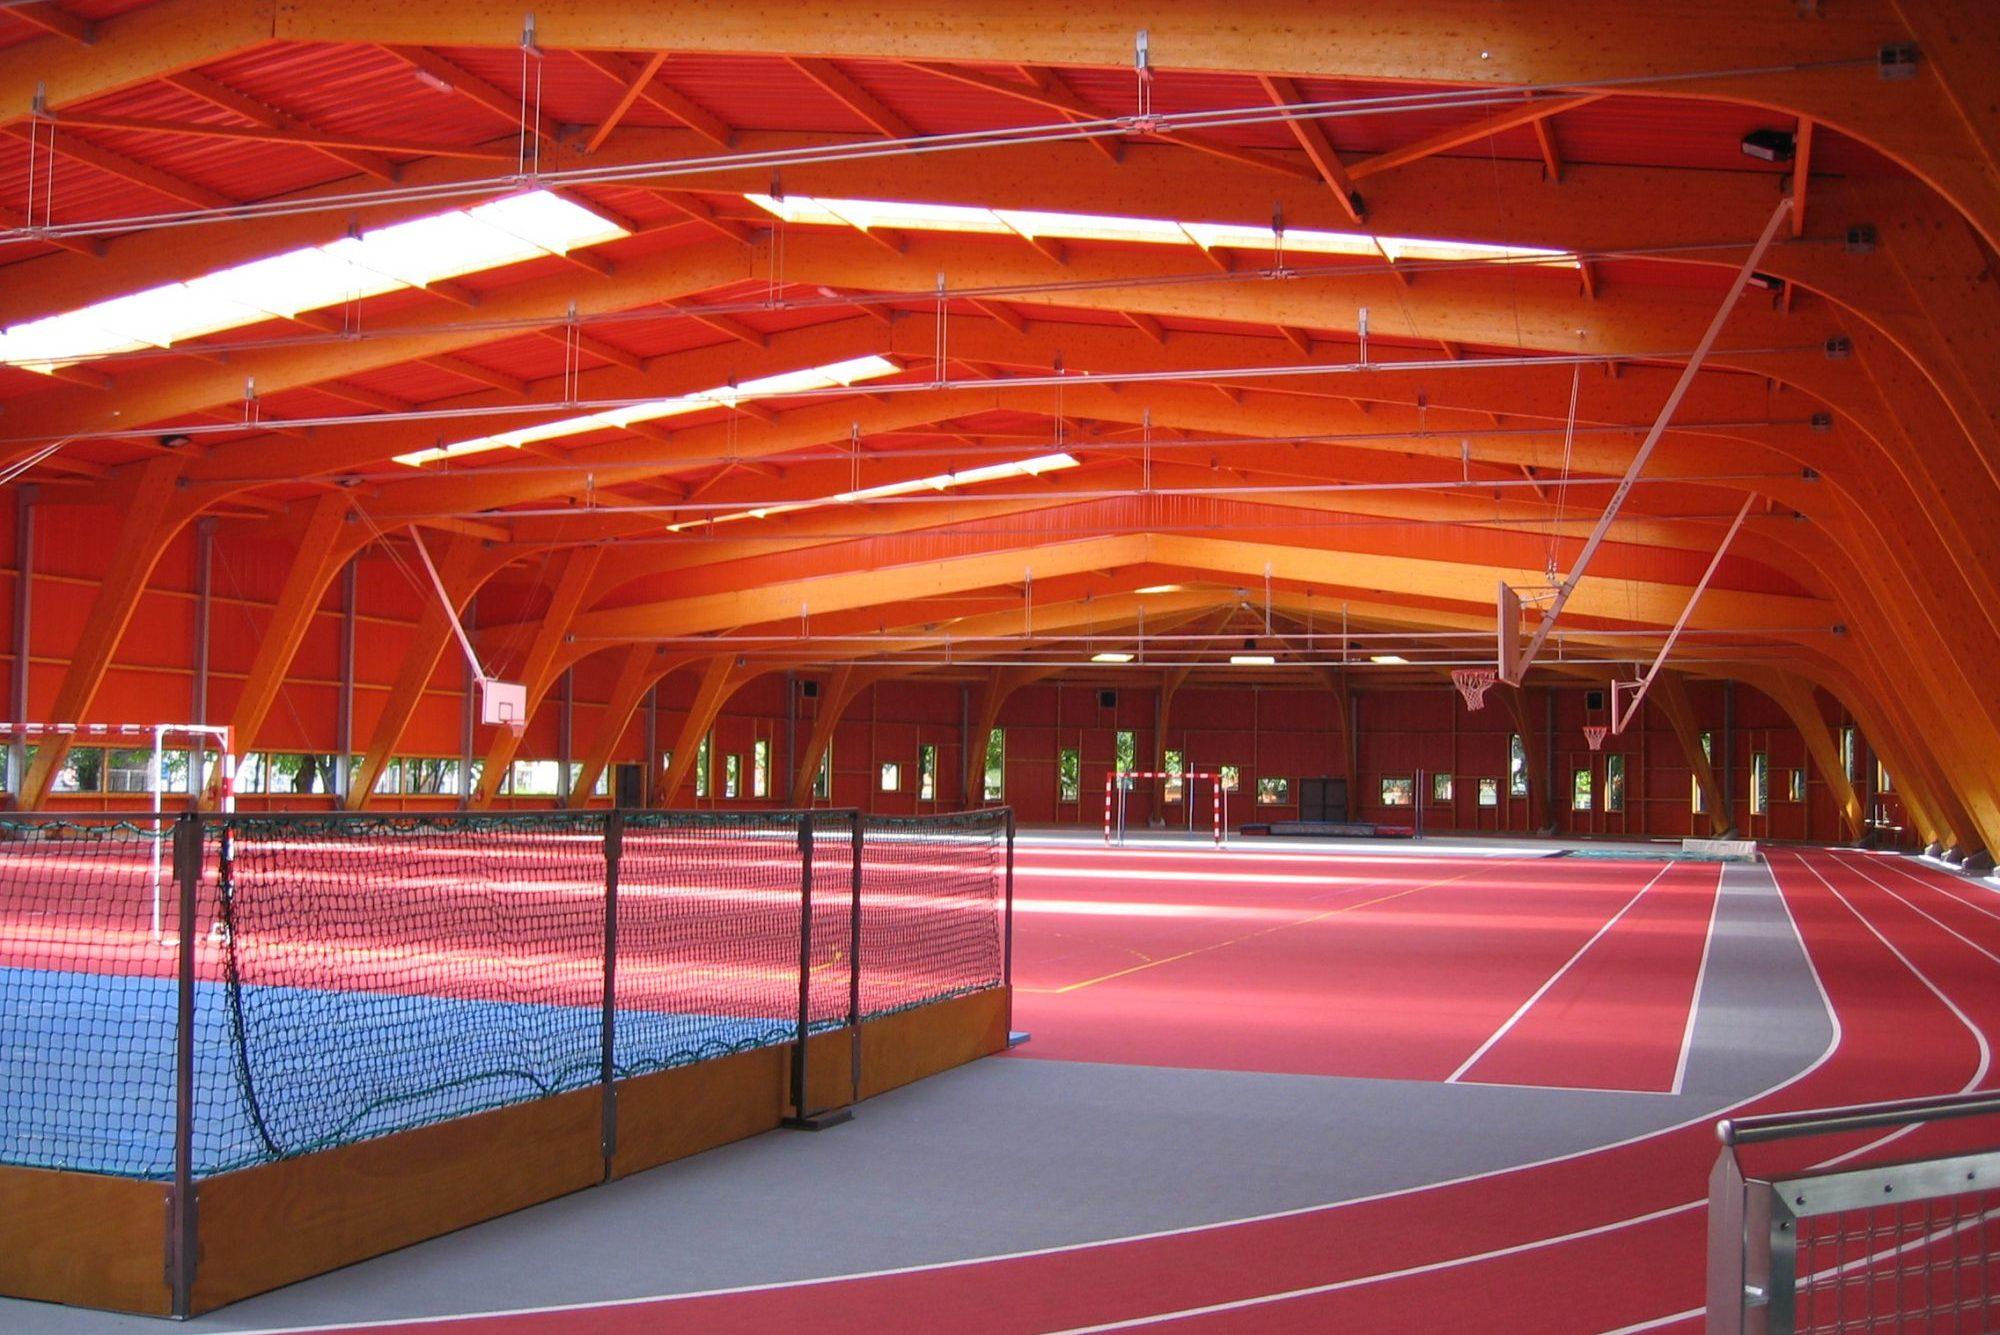 Piste-d-Athletisme-Jean-Bouin